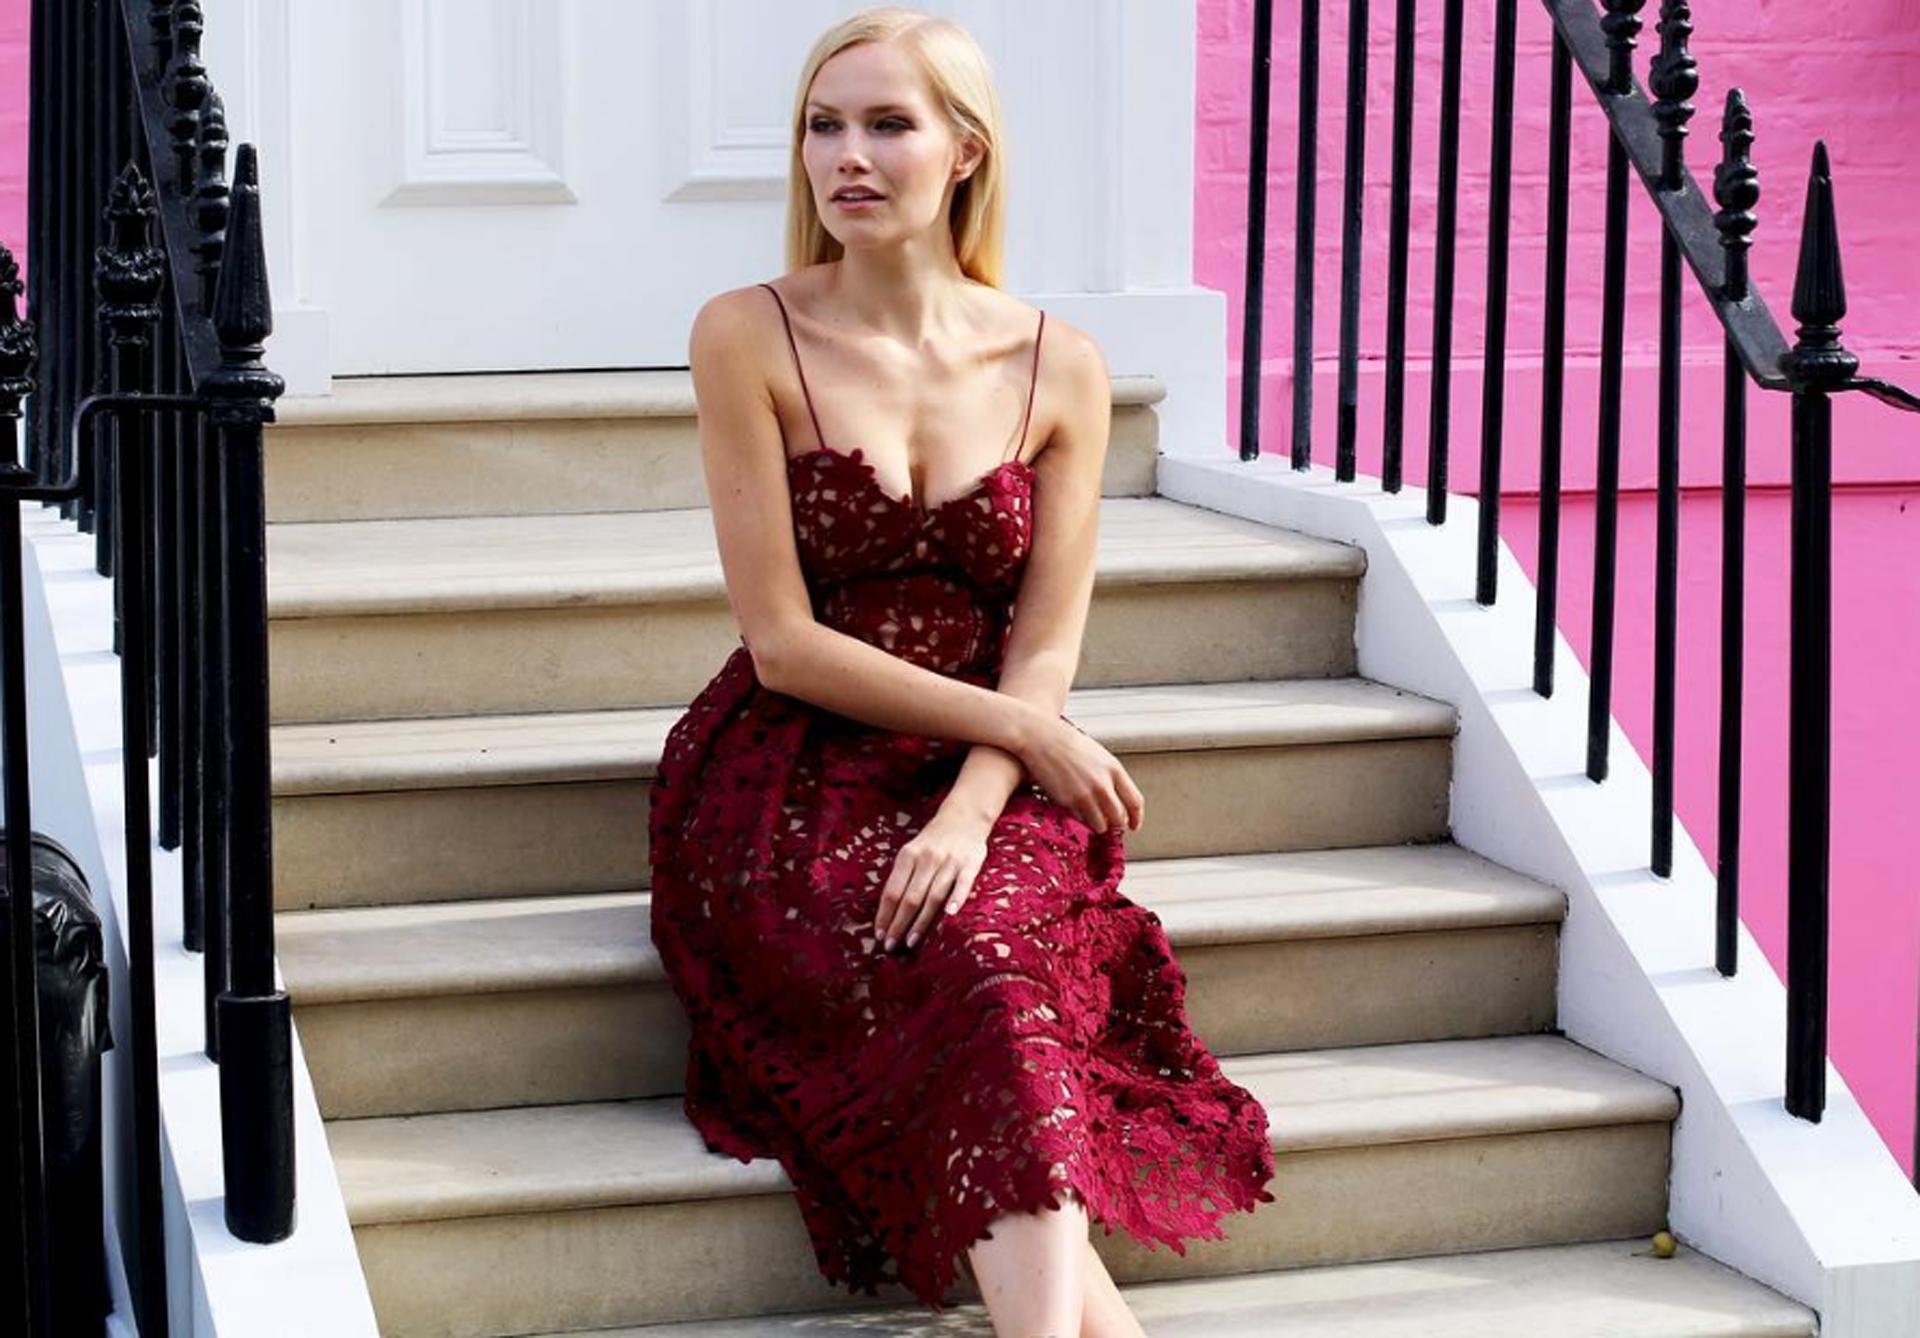 As mulheres modelos norueguesas mais belas sexys sensuais do Instagram fotos